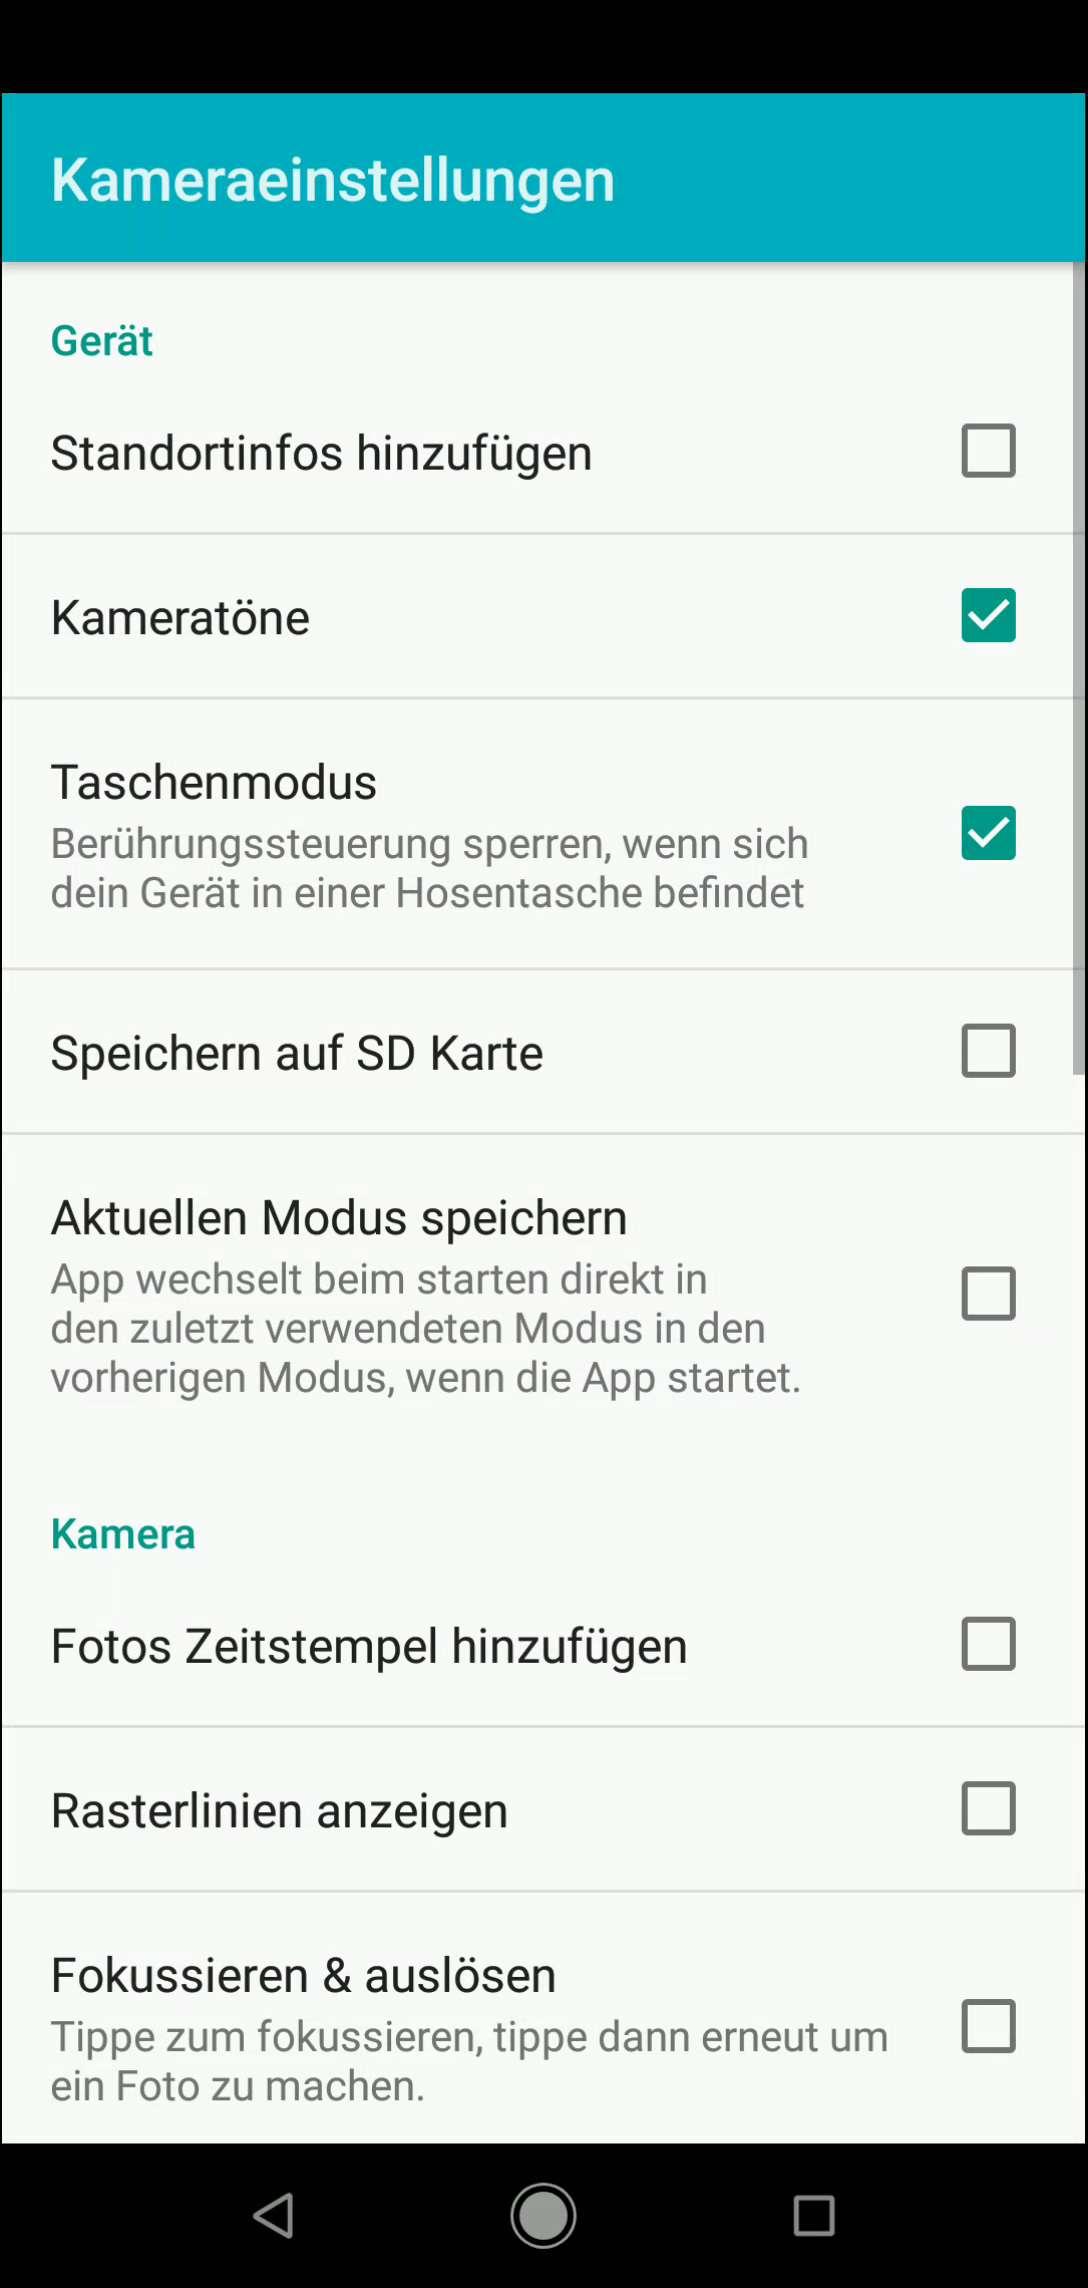 Schritt 4: Tippe auf Speichern auf SD Karte